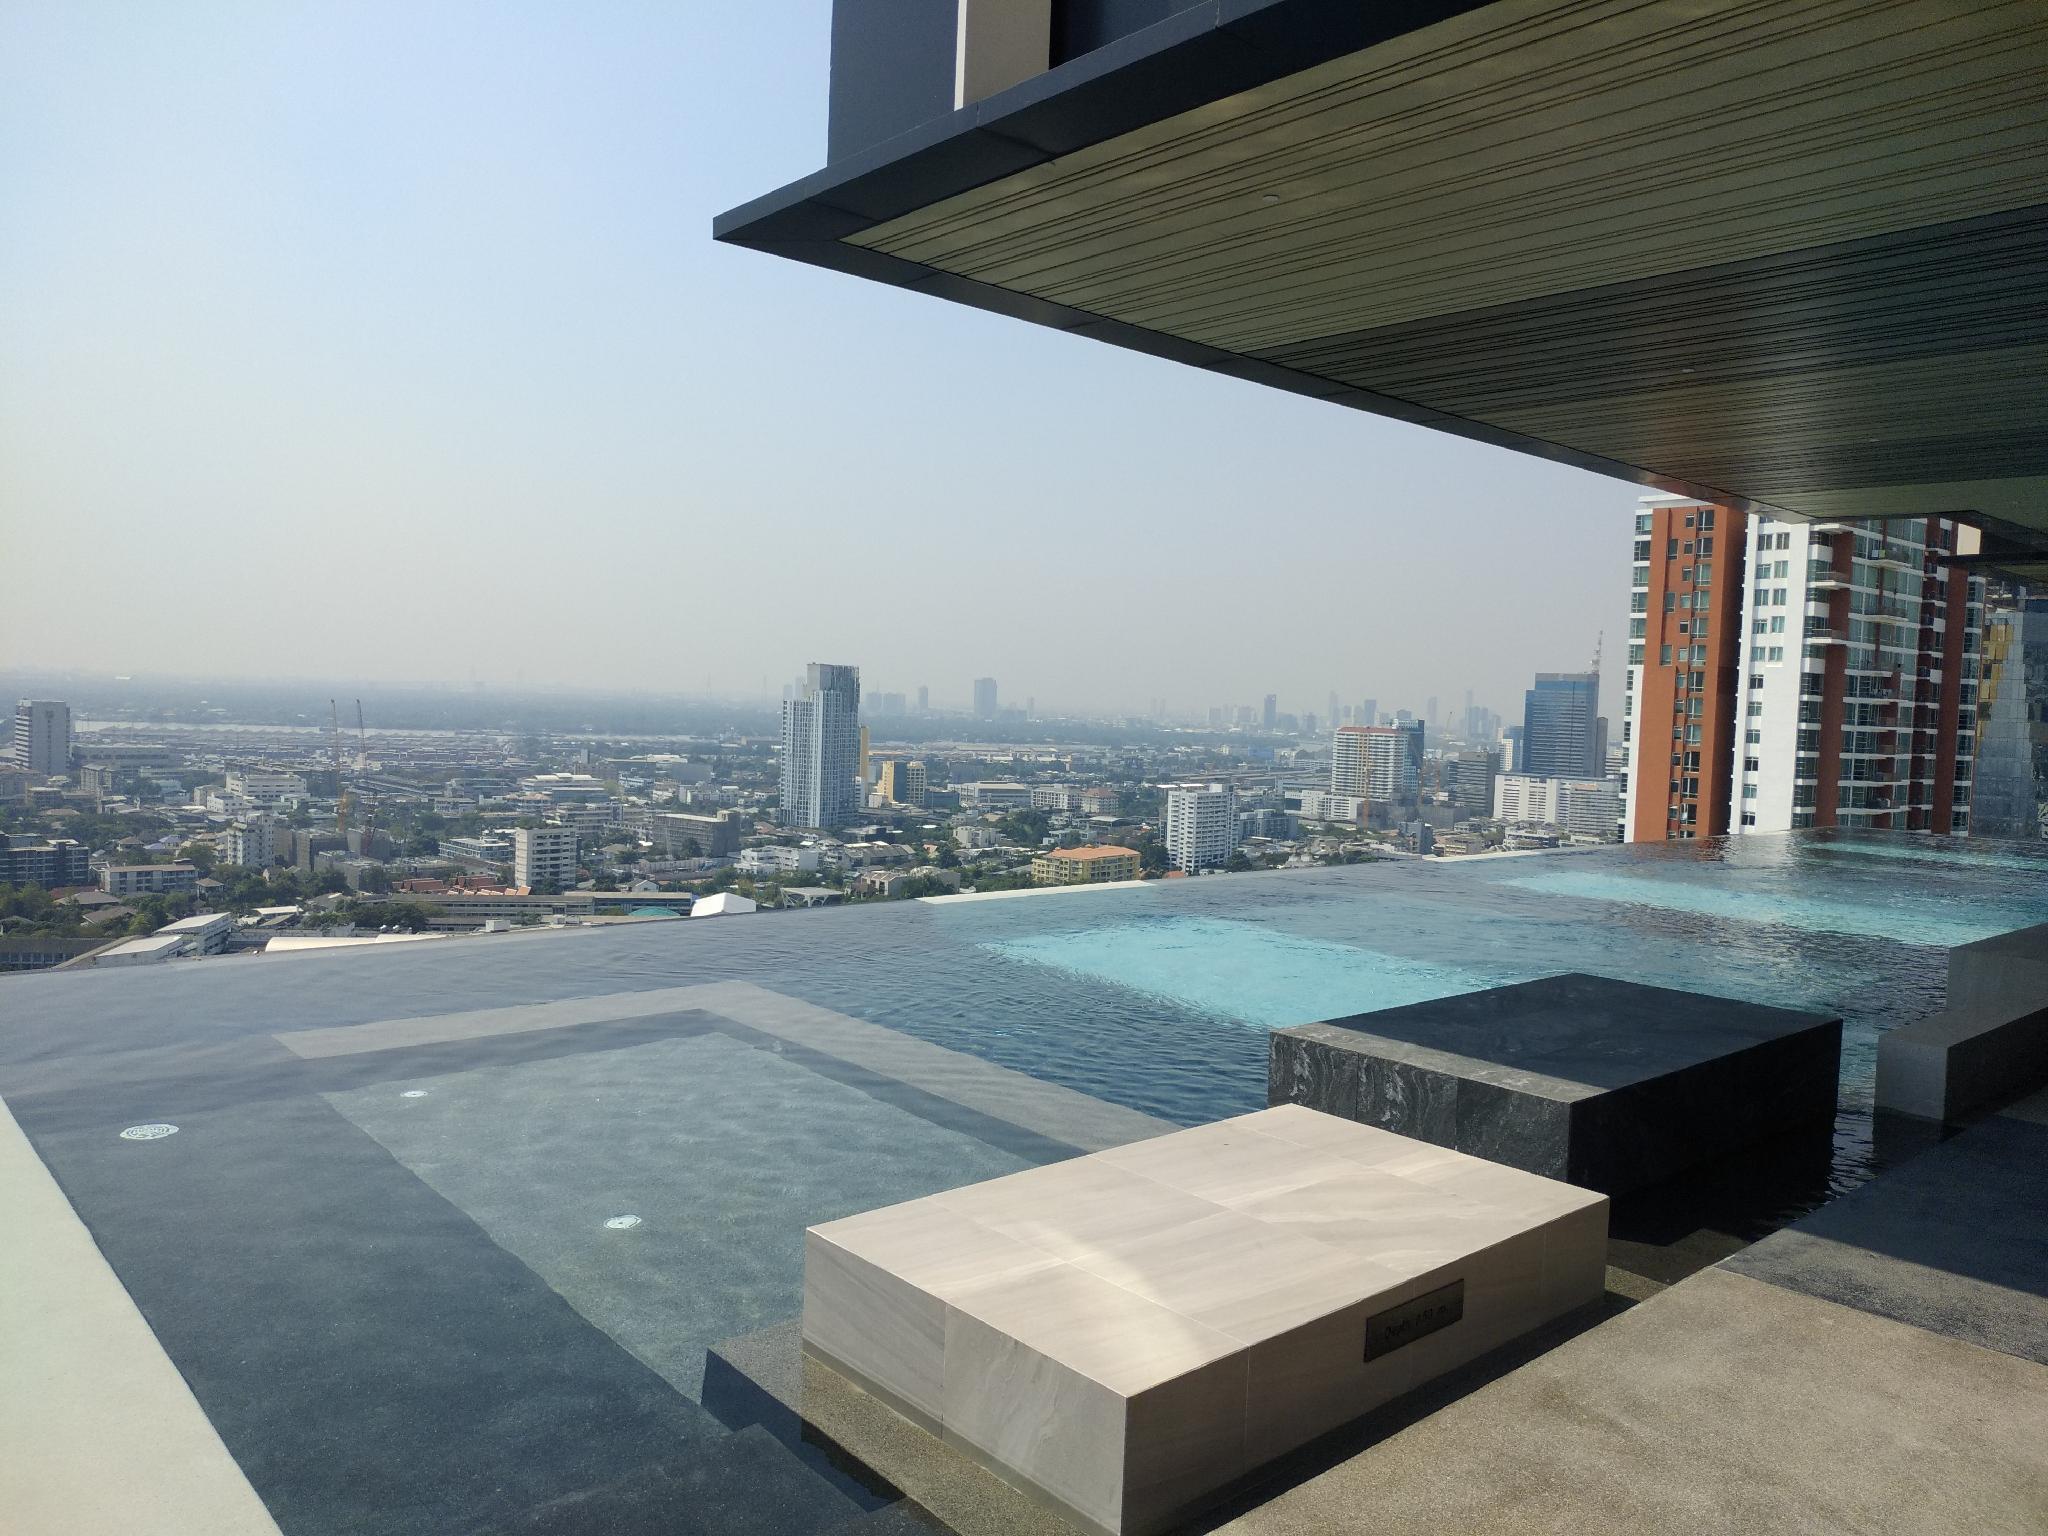 Infinity pool  gym luxury cozy condo@ BTS Ekkamai อพาร์ตเมนต์ 1 ห้องนอน 1 ห้องน้ำส่วนตัว ขนาด 36 ตร.ม. – สุขุมวิท